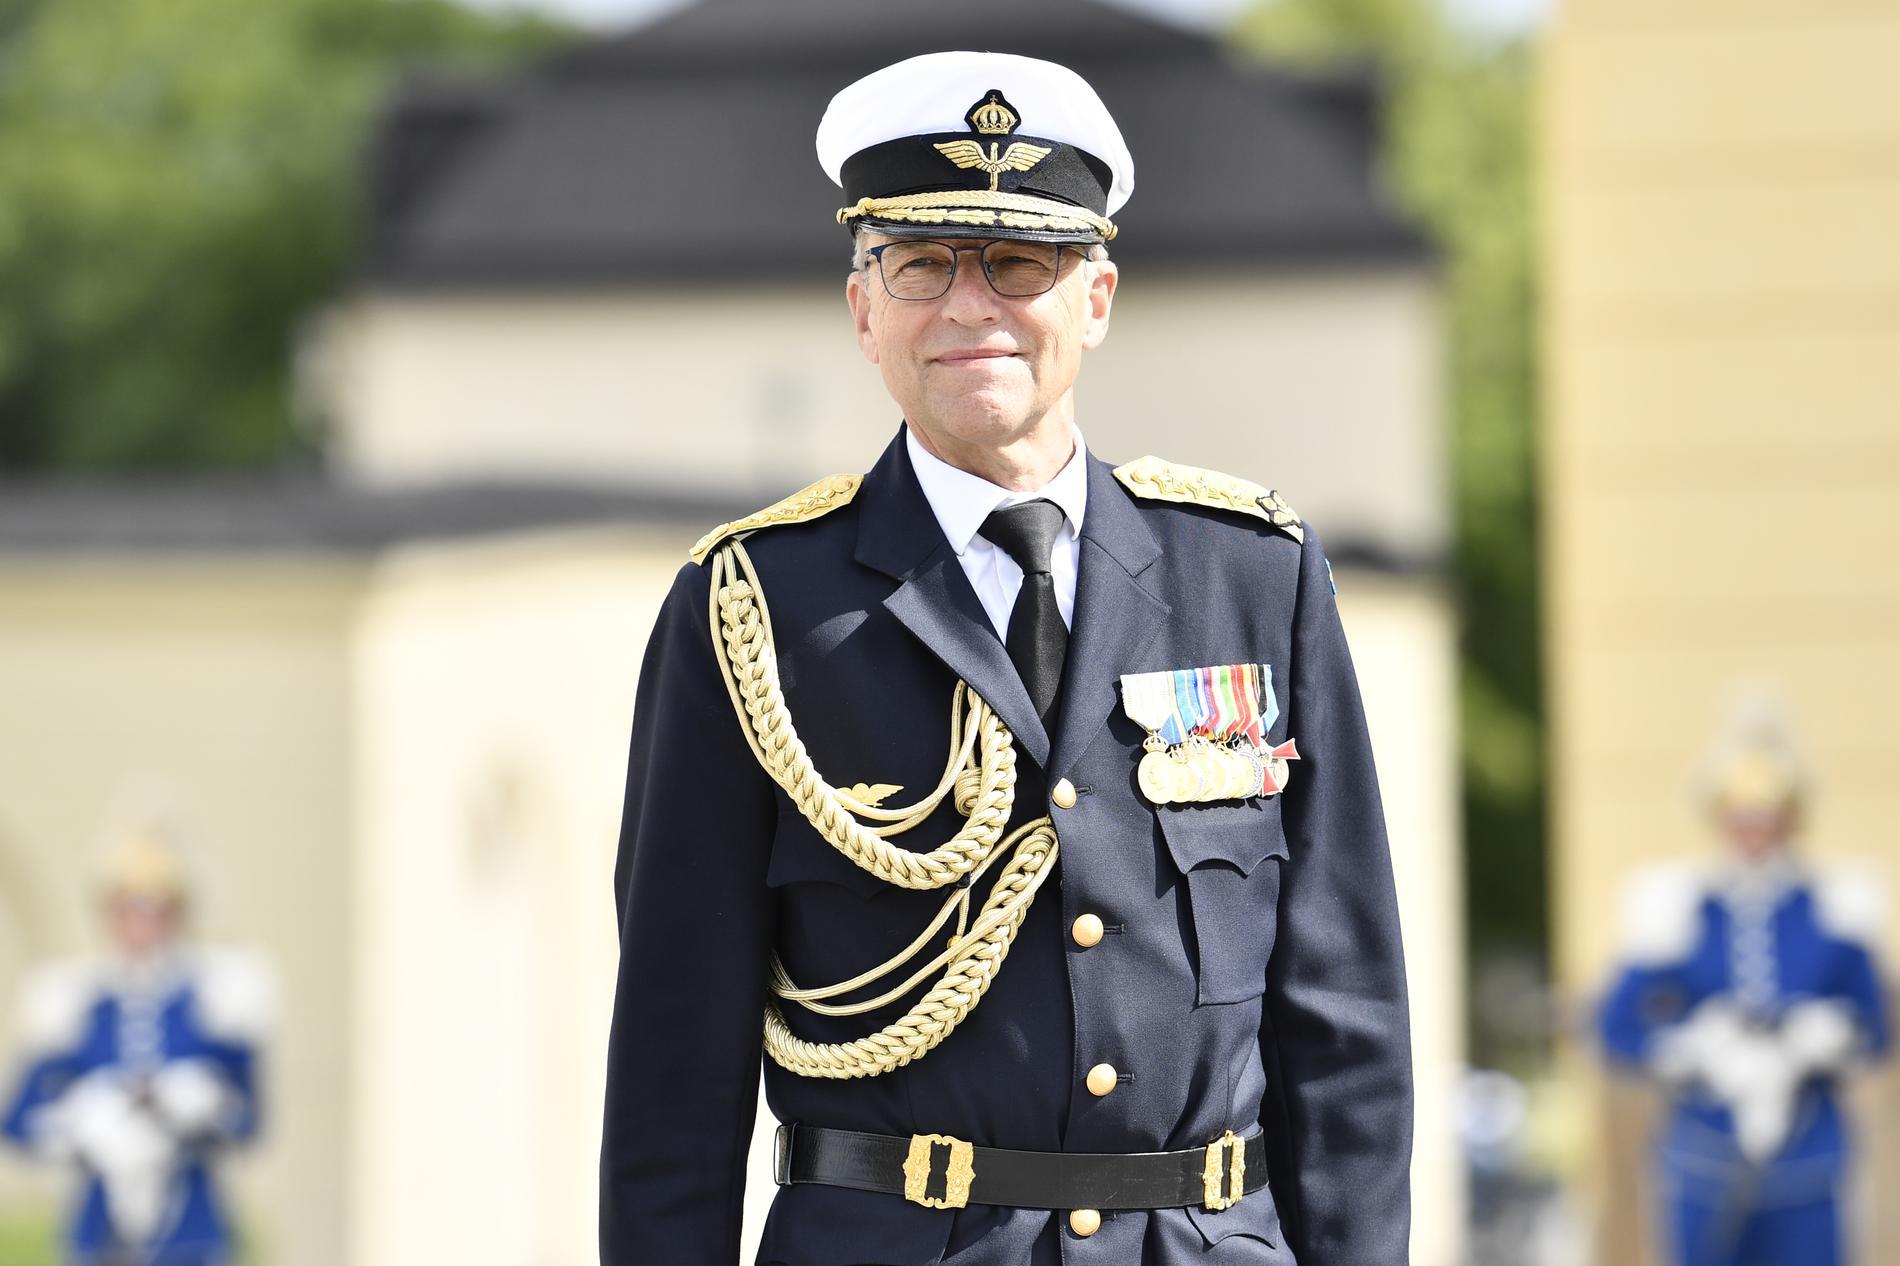 Stabschefen generallöjtnant Jan Salestrand.